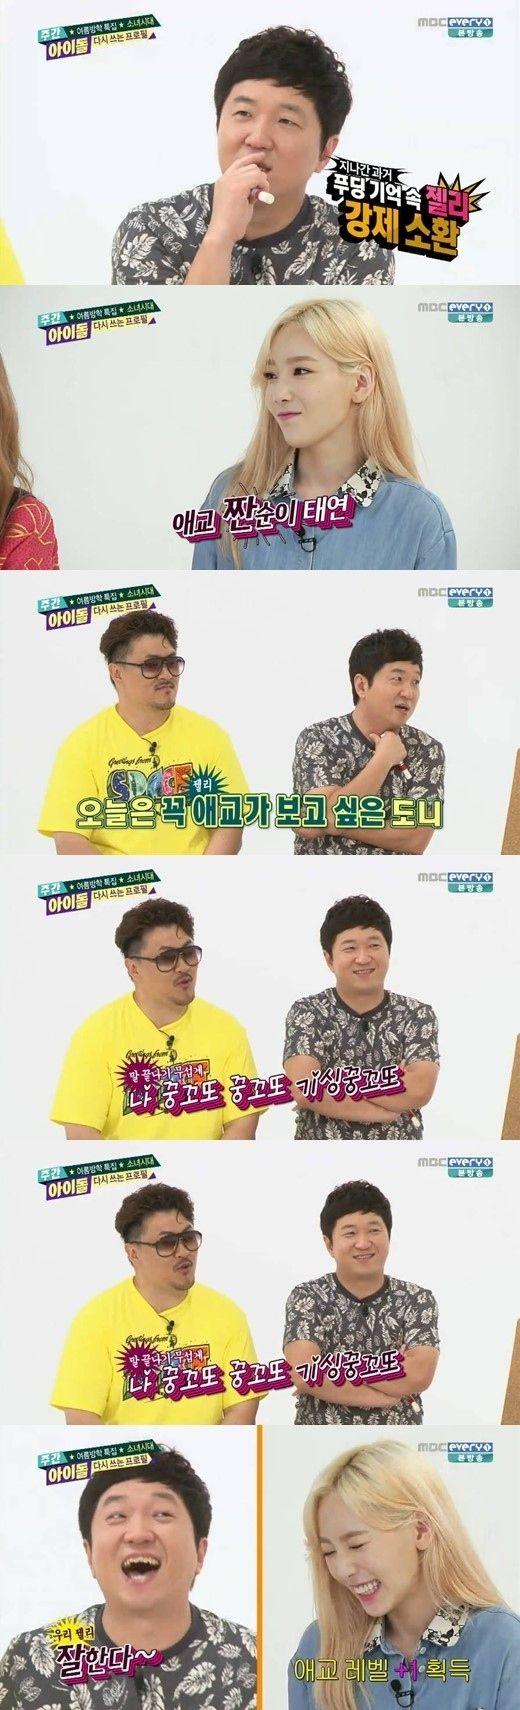 チョン・ヒョンドン、元仮想妻の少女時代 テヨンに言及「『私たち結婚しました』出演当時、愛嬌がなかった」 - ENTERTAINMENT - 韓流・韓国芸能ニュースはKstyle